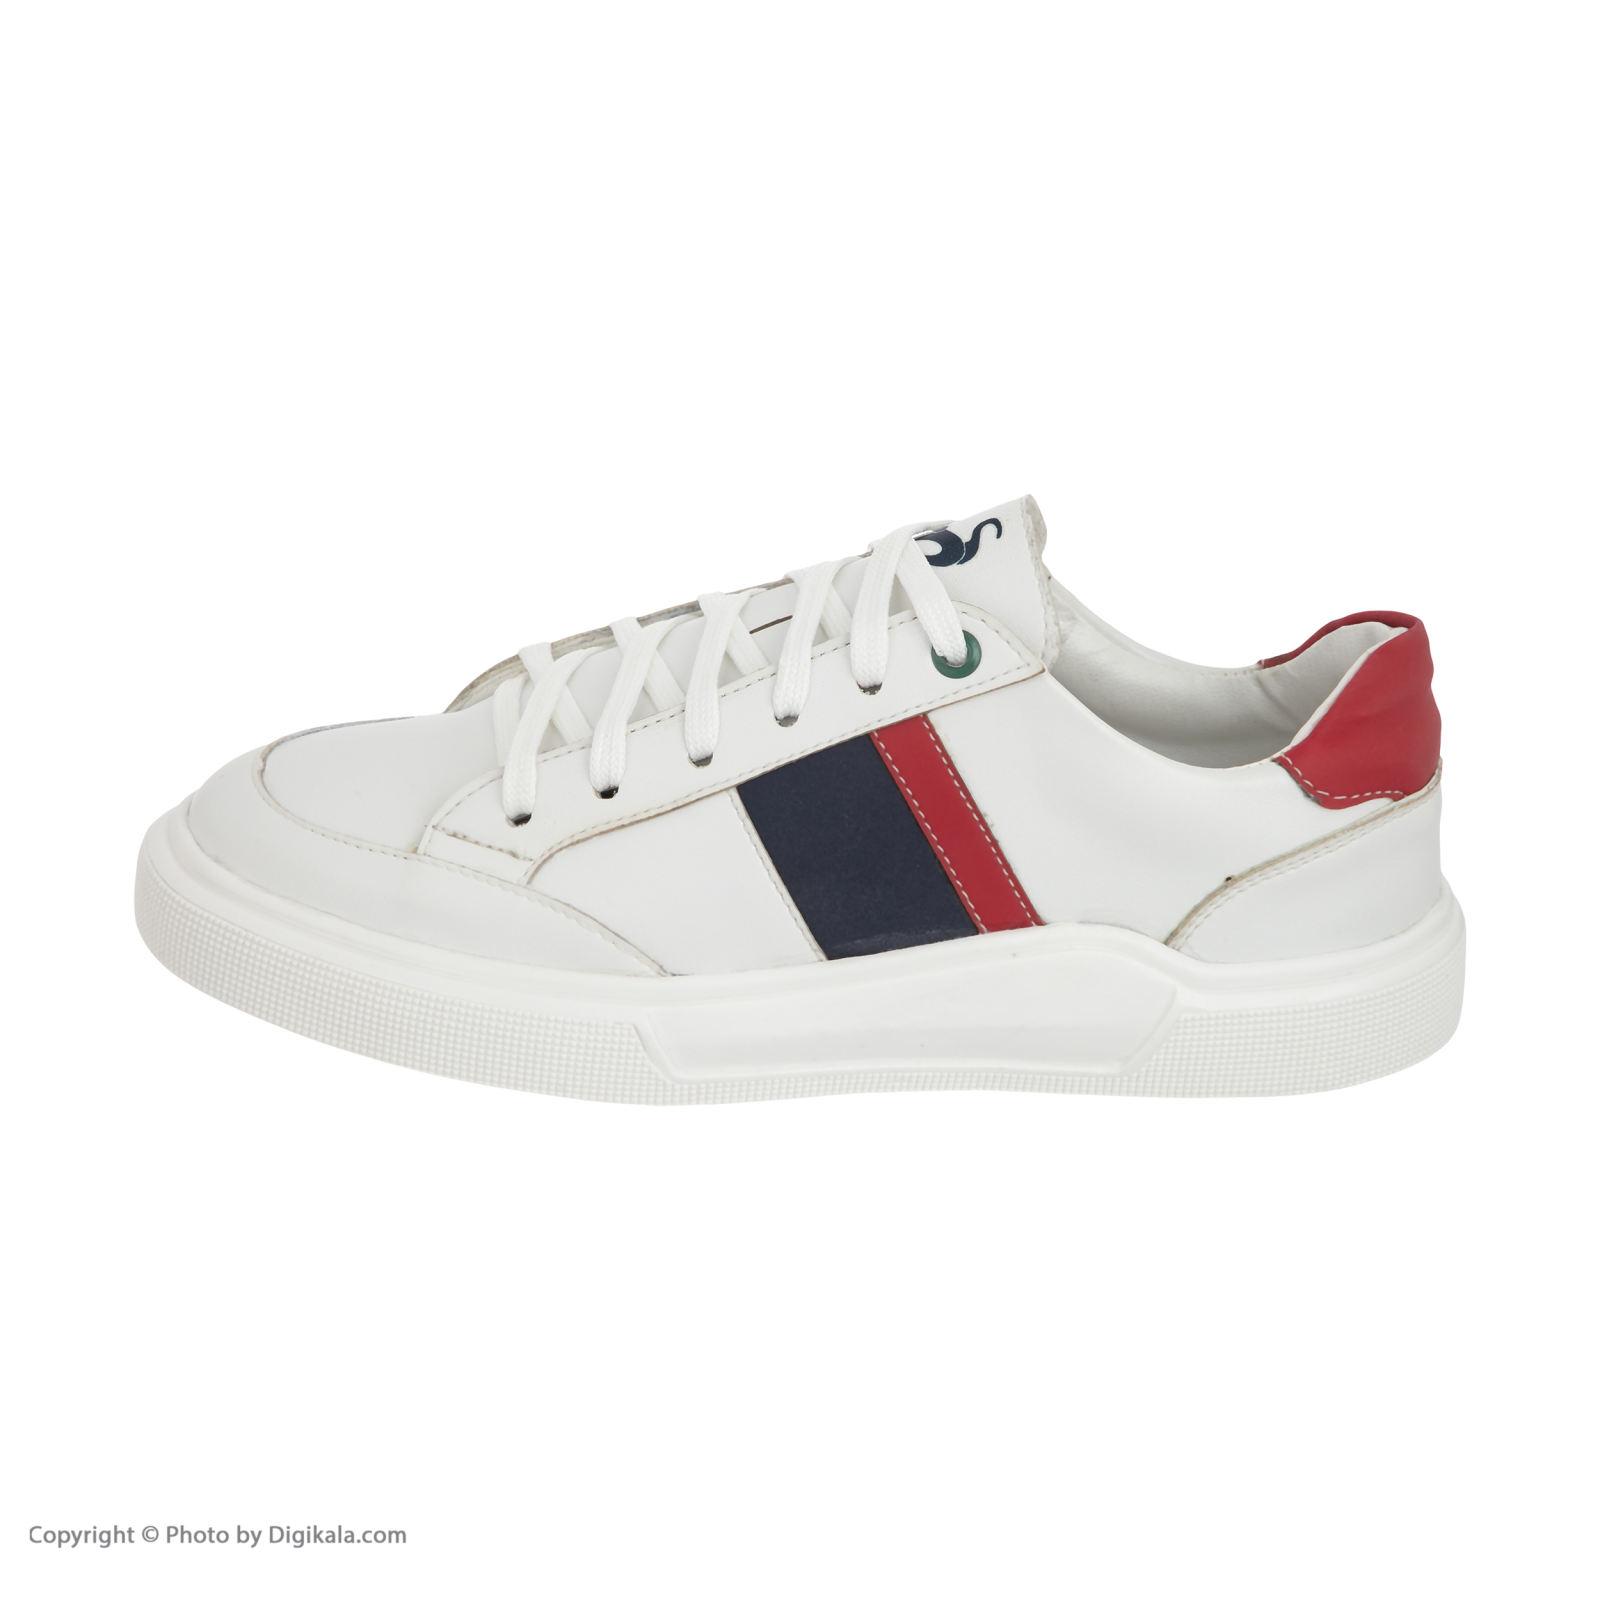 کفش راحتی مردانه آر اِن اِس مدل 113003-01 main 1 1